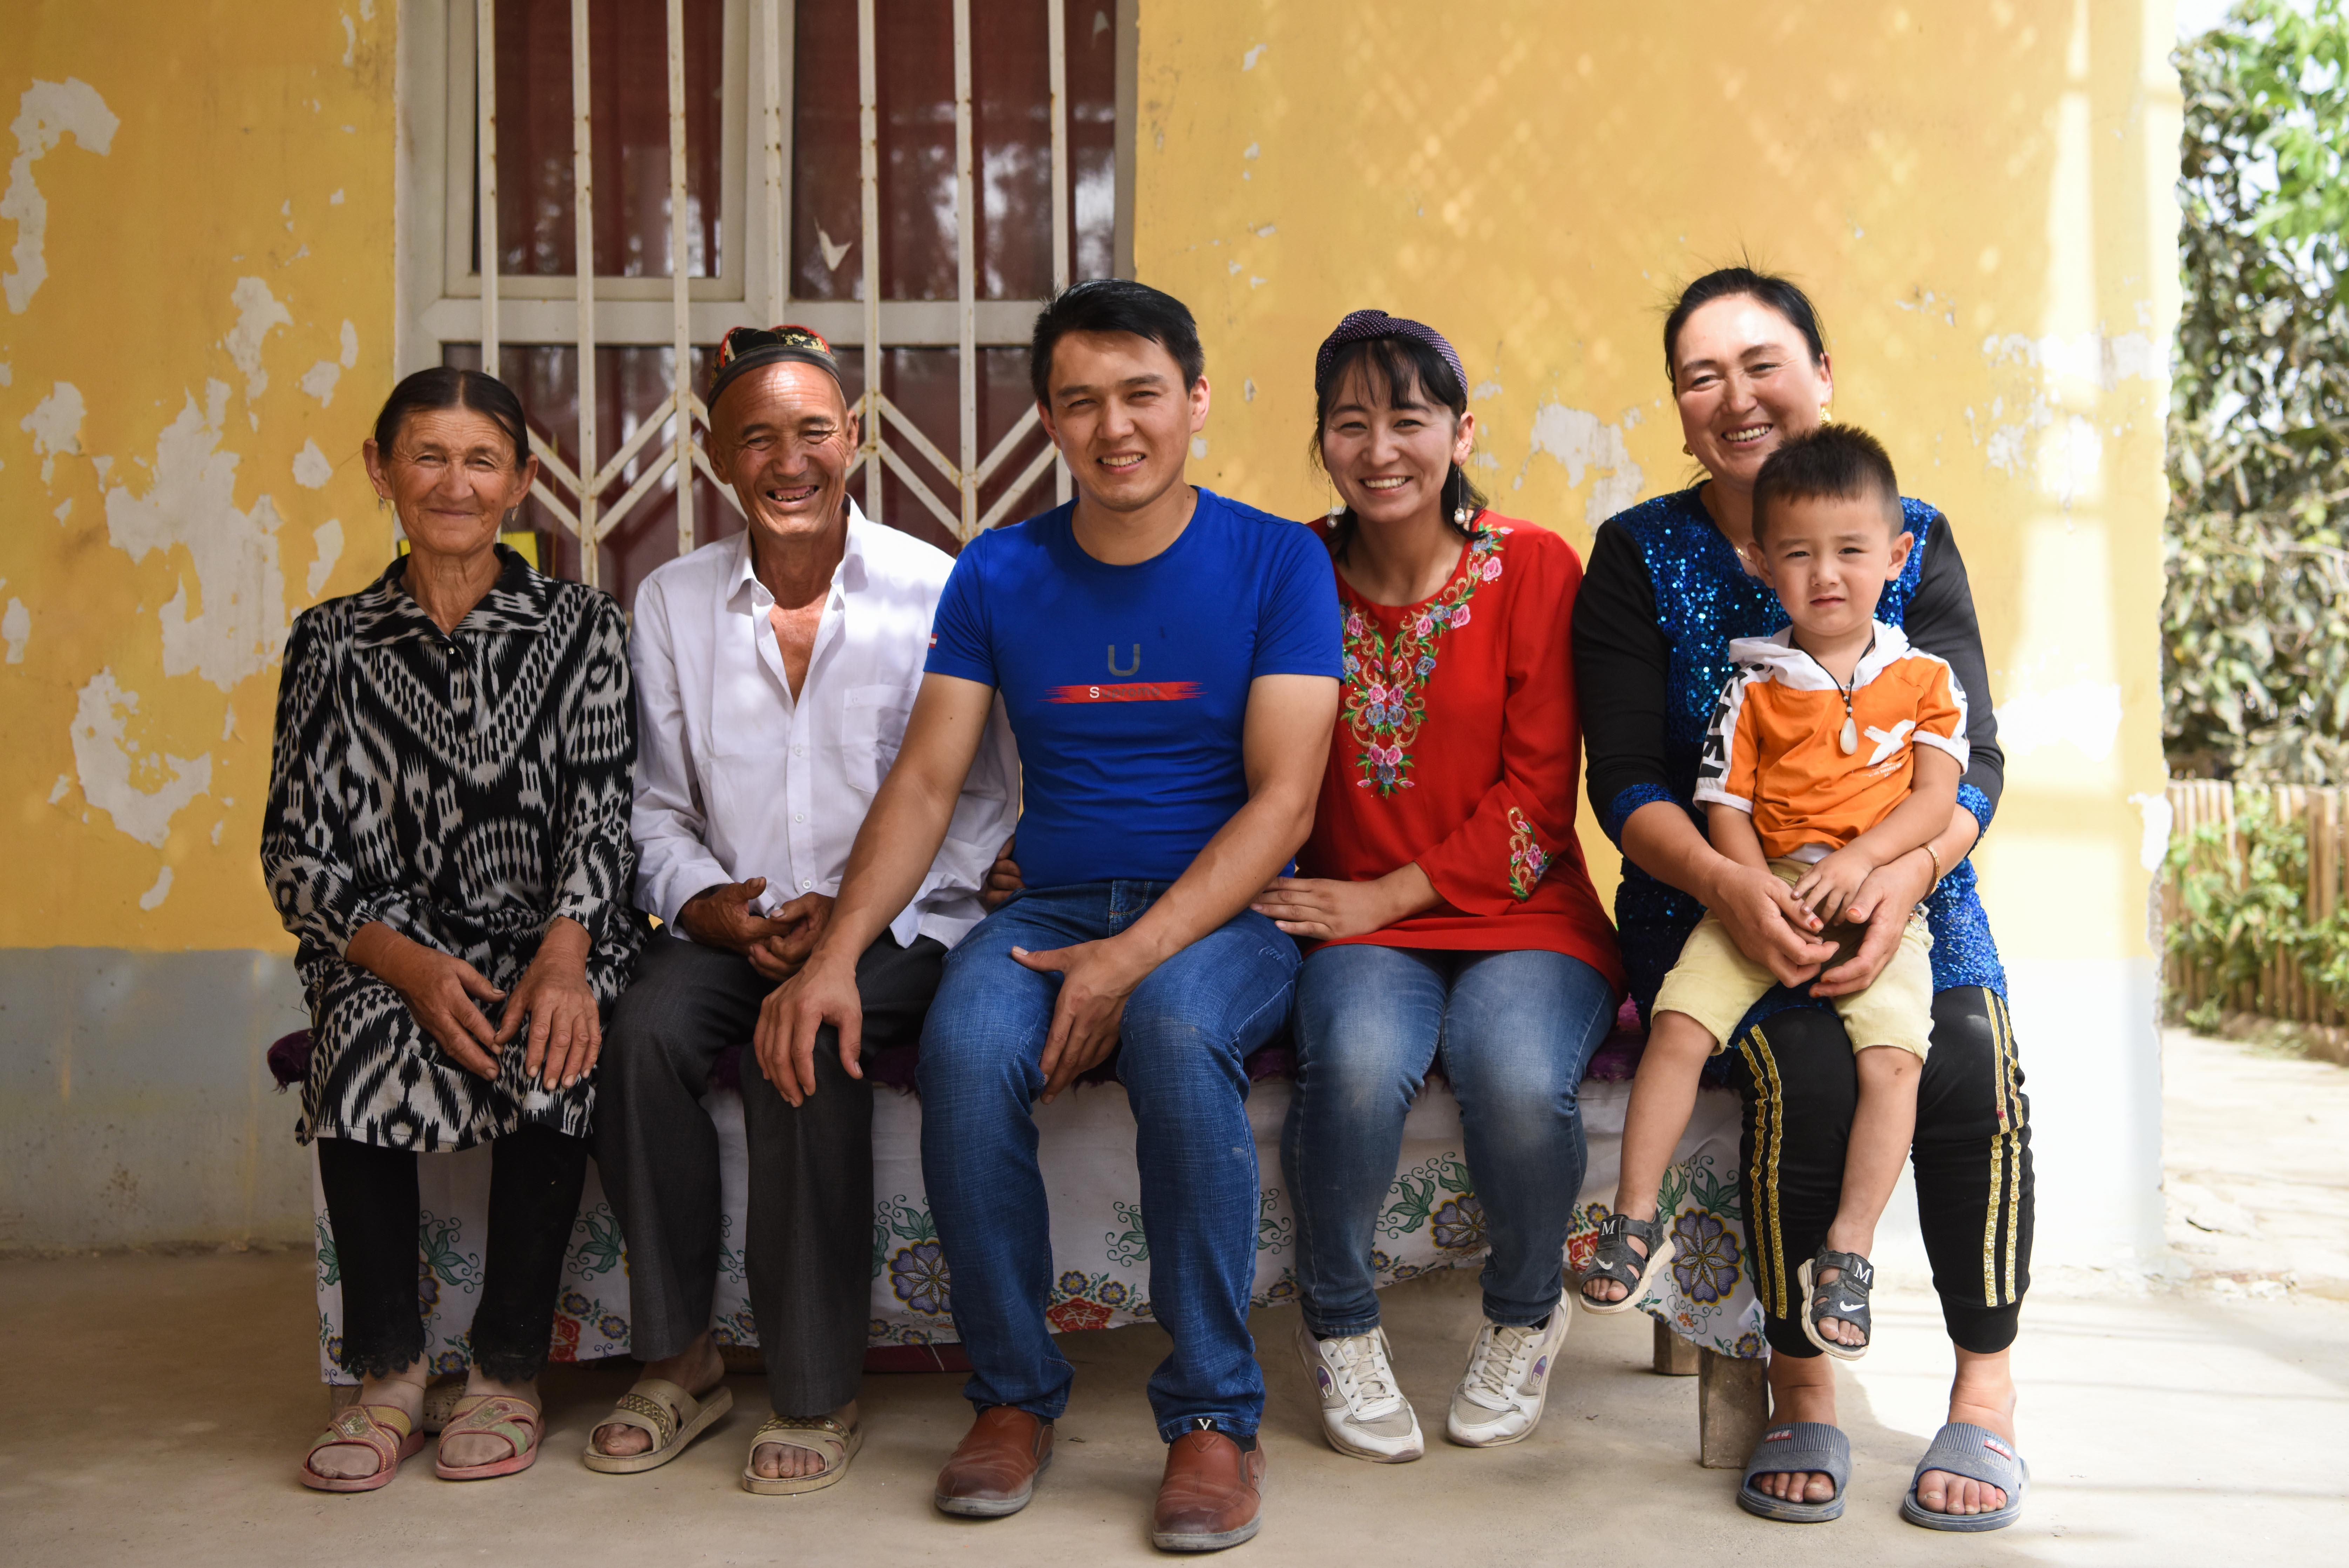 脫貧路上最美的笑臉——新疆深度貧困地區脫貧者群像